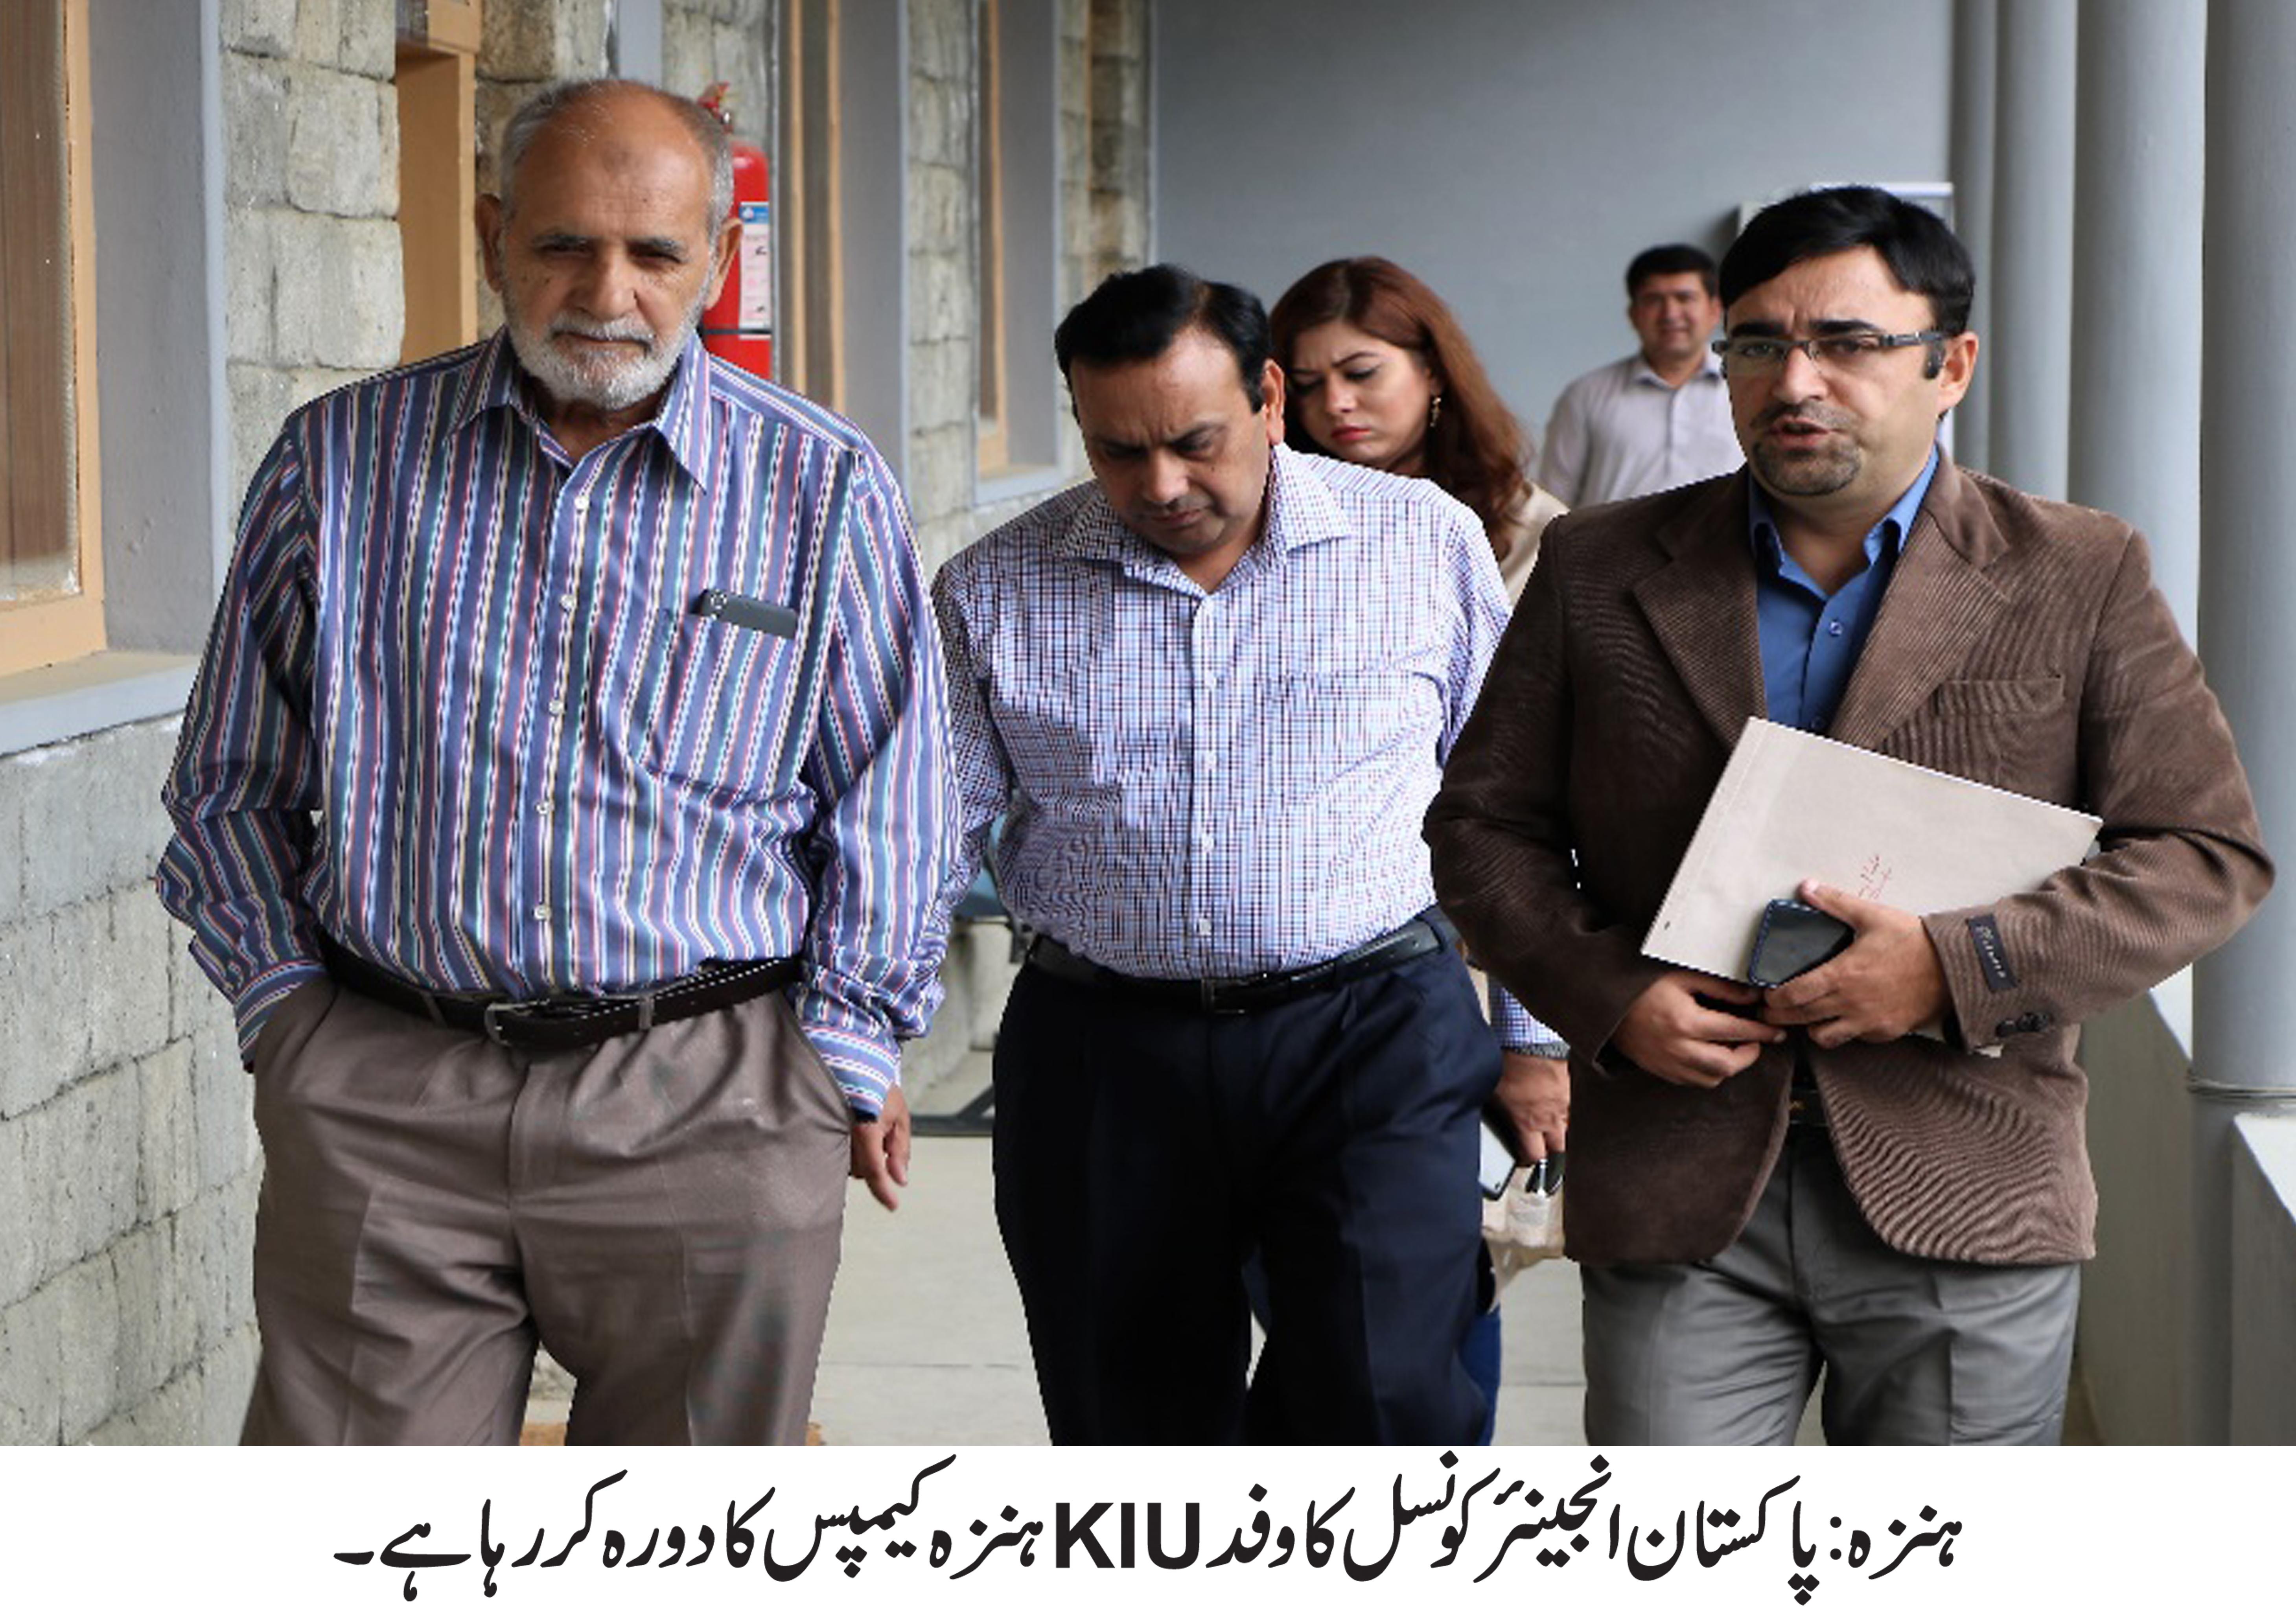 پاکستان انجنئیرنگ کونسل کے وفد نے قراقرم یونیورسٹی ہنزہ کیمپس کا دورہ کیا